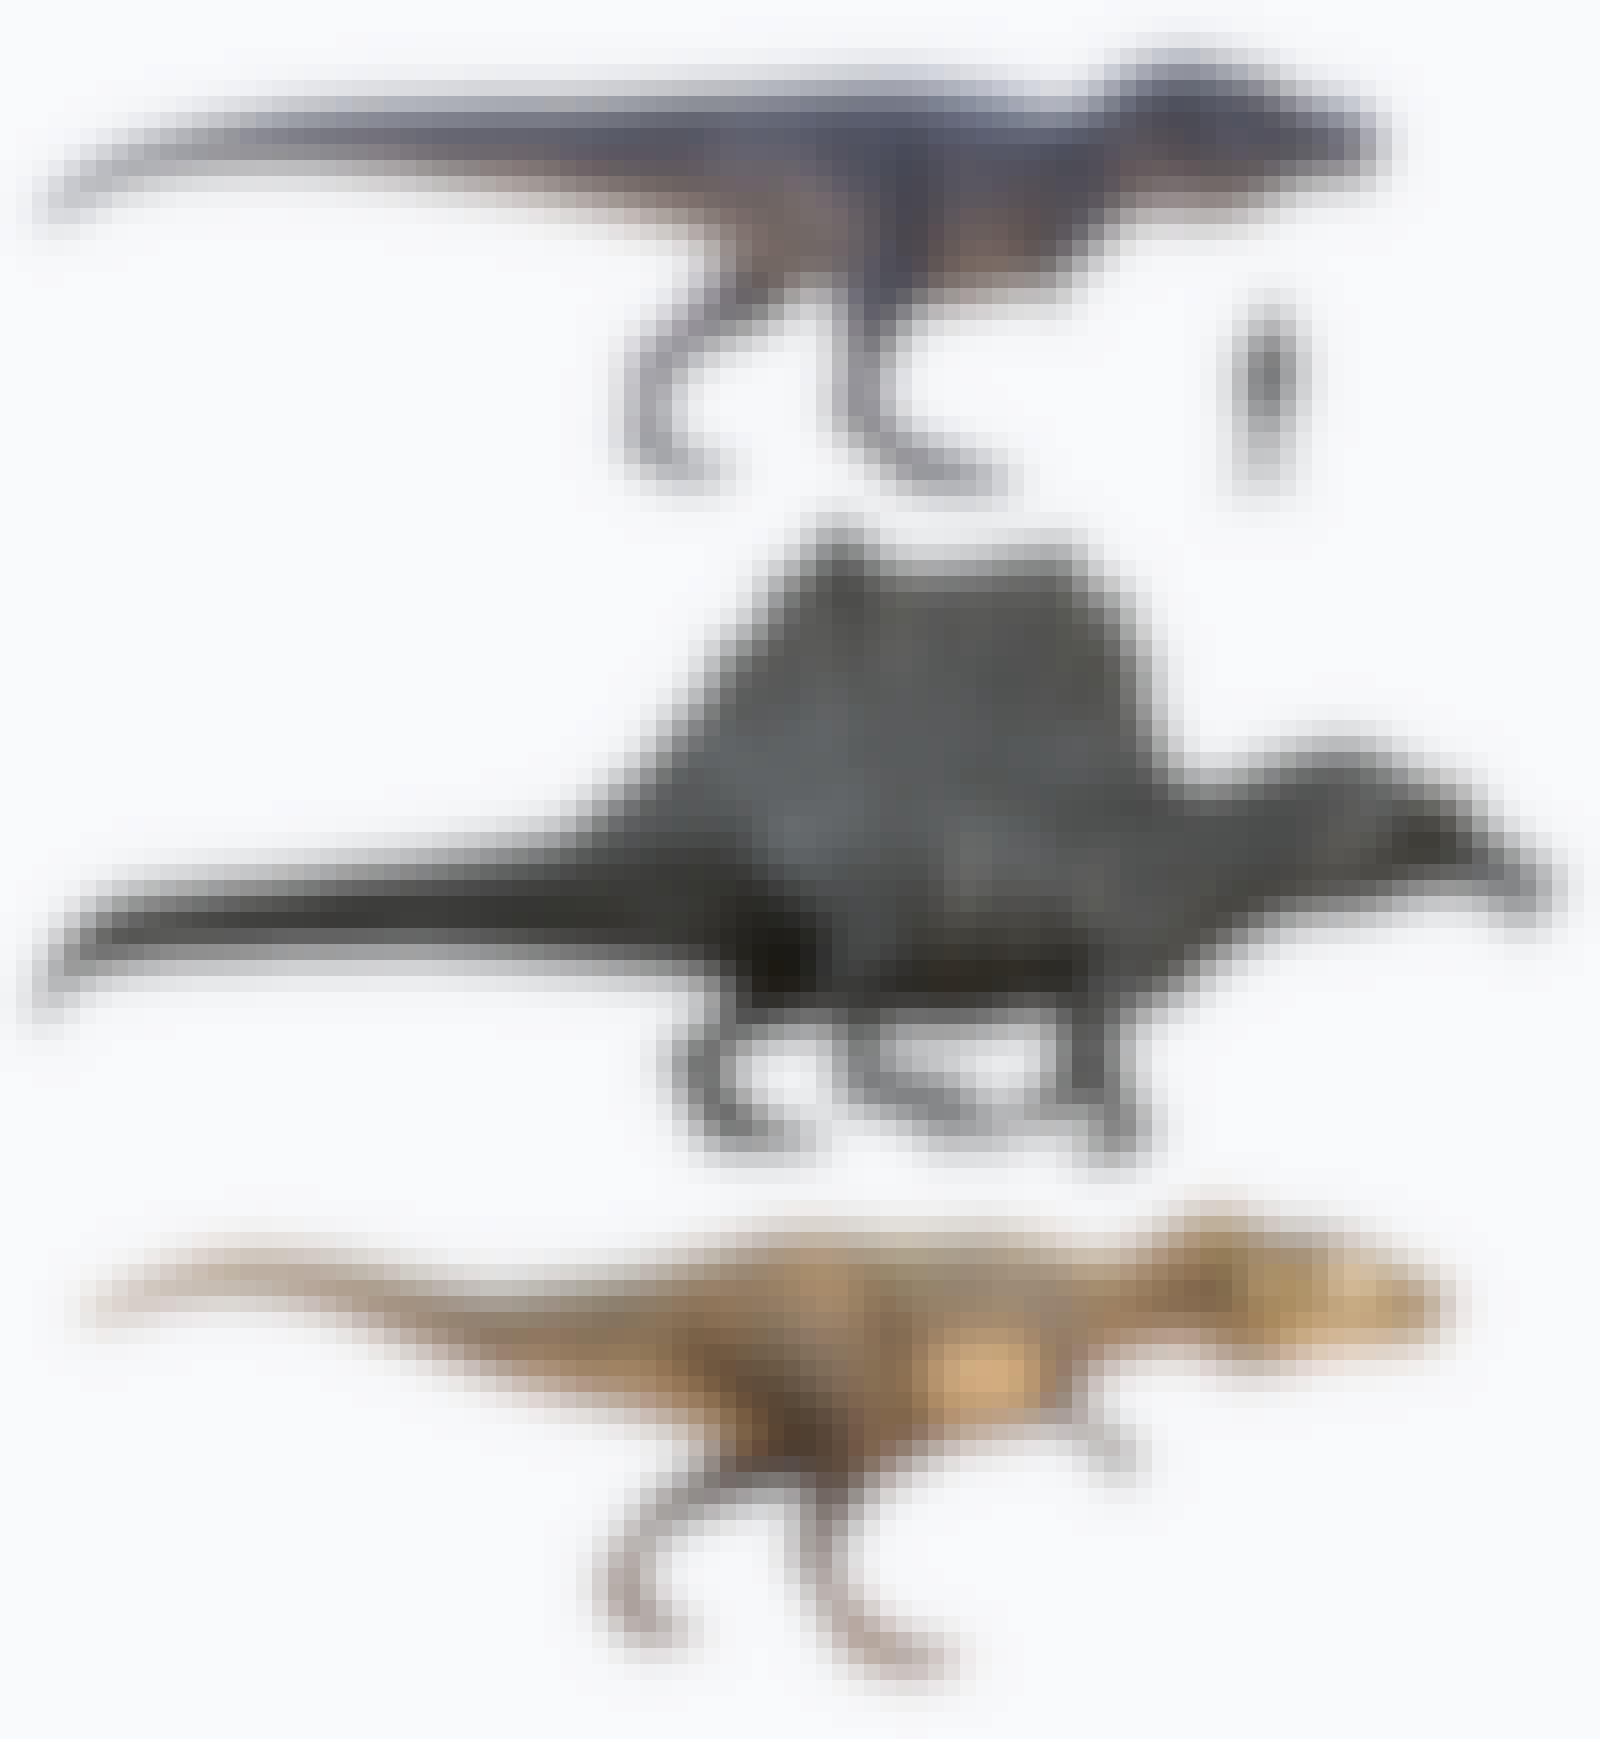 T. rex ja muut isot petodinosaurukset